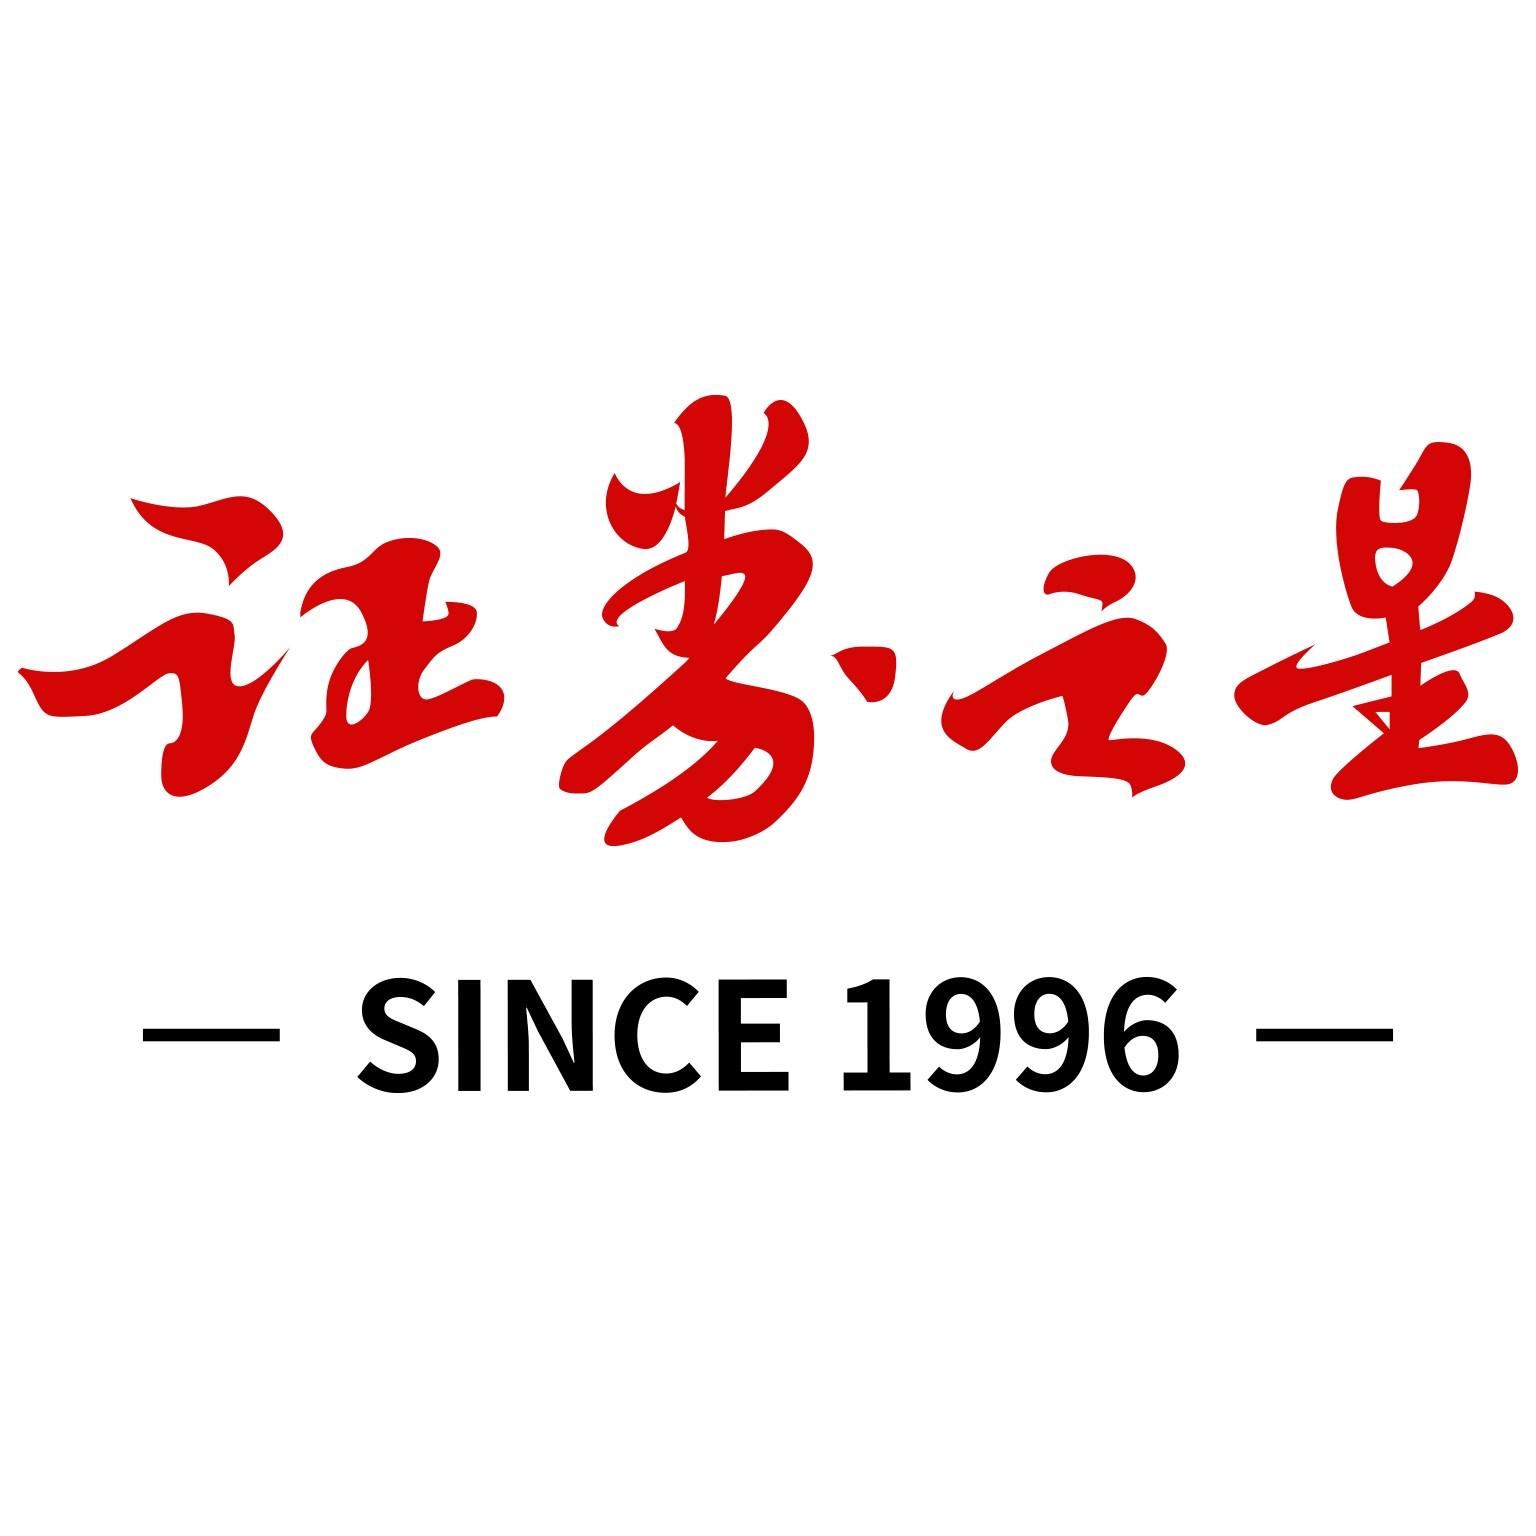 中國6G研發去年已開始 概念股名單來了_中興通訊(000063)股吧_東方財富網股吧